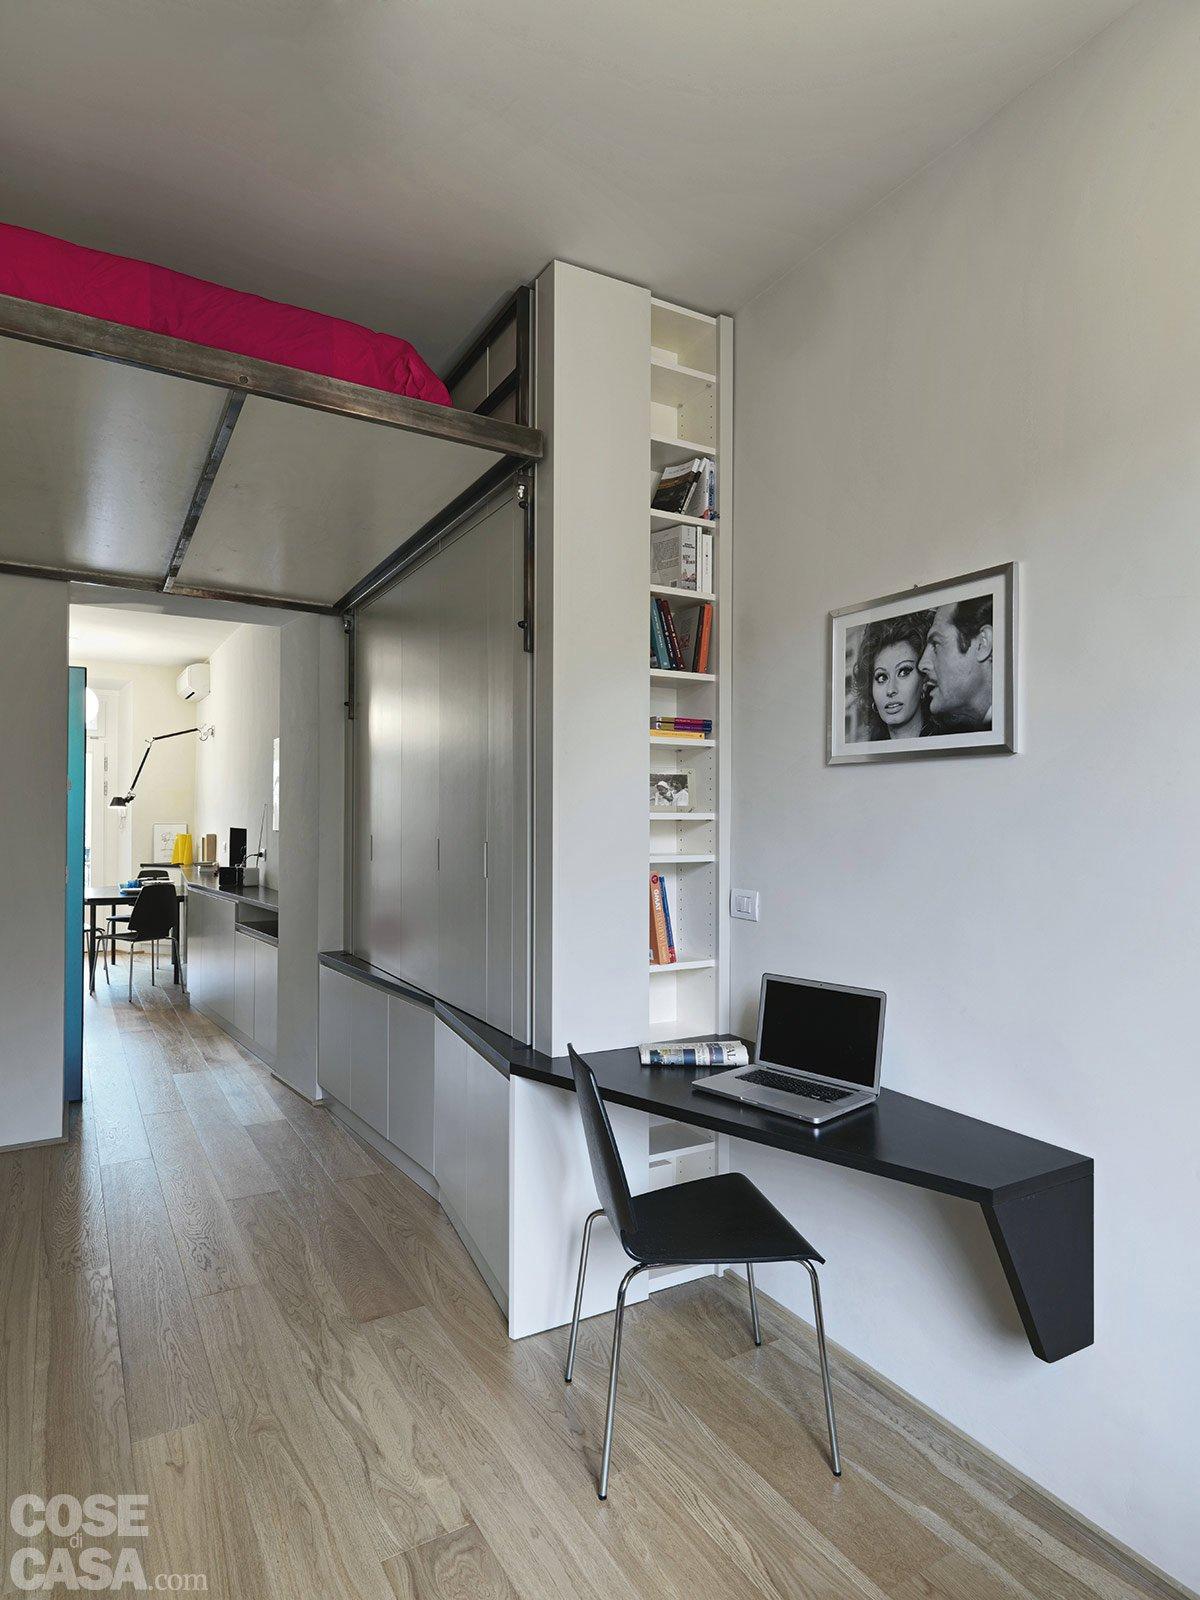 33 mq una casa sfruttata in lunghezza cose di casa for Case di casa